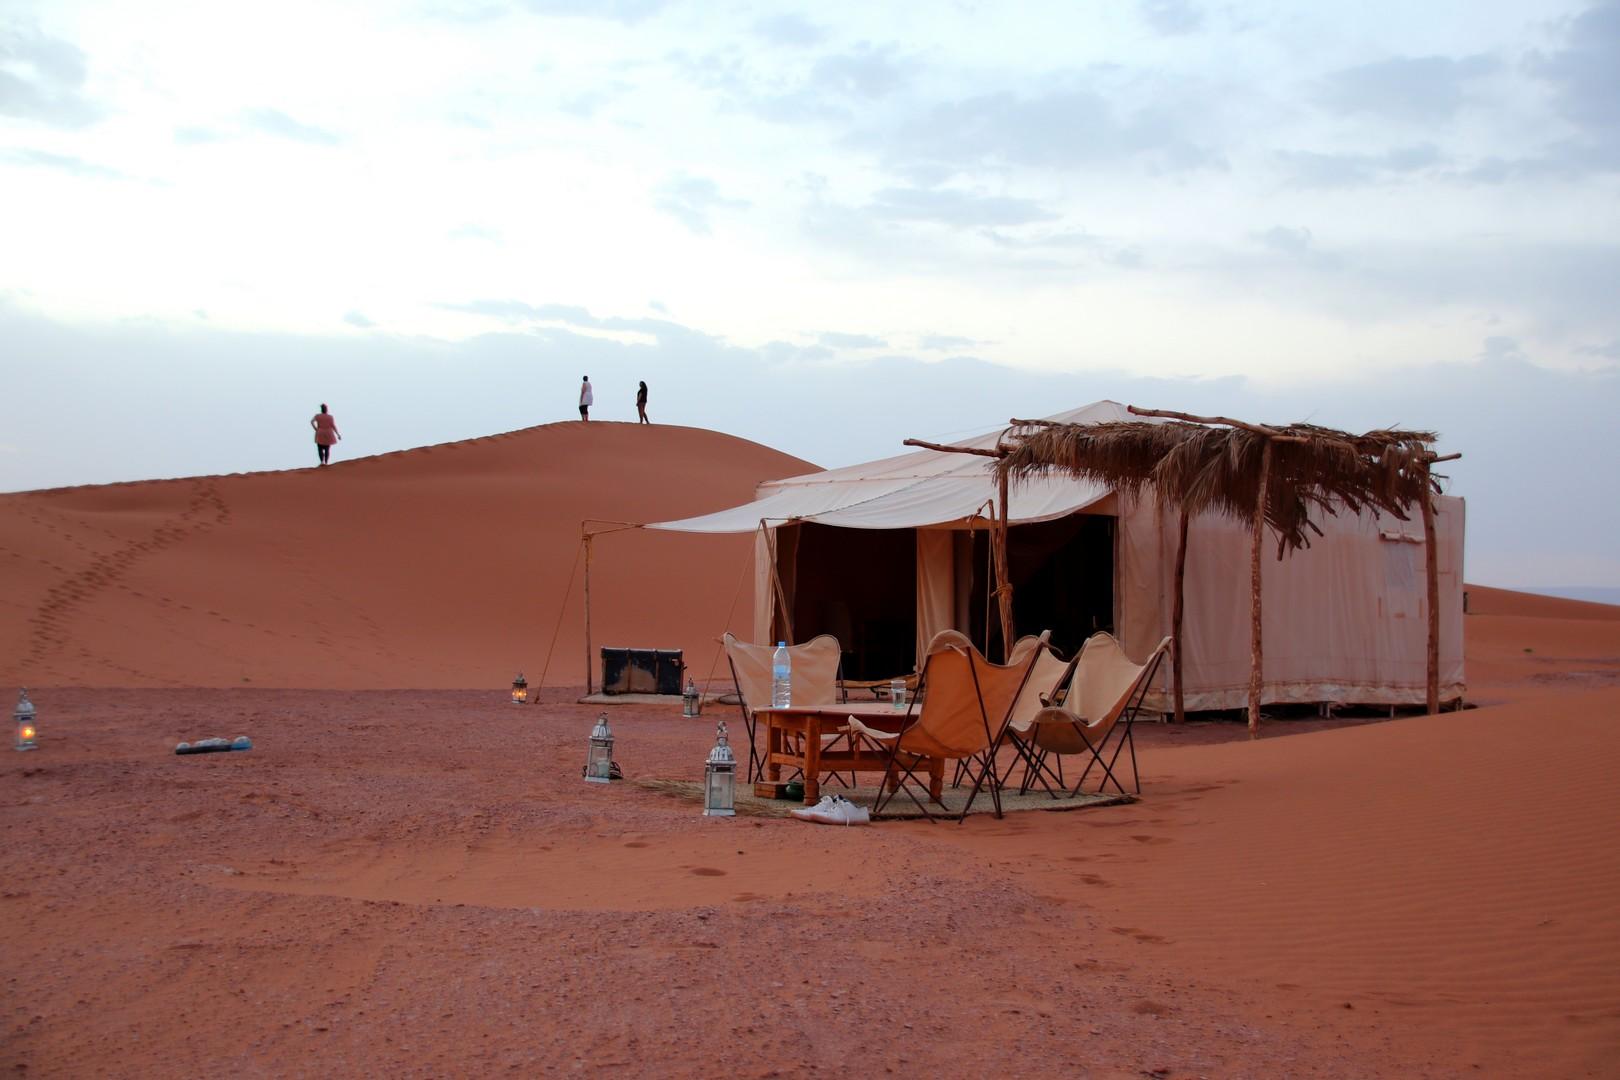 Maroc - Fin de journée au campement Azalai Desert Camp dans les dunes de Chegaga